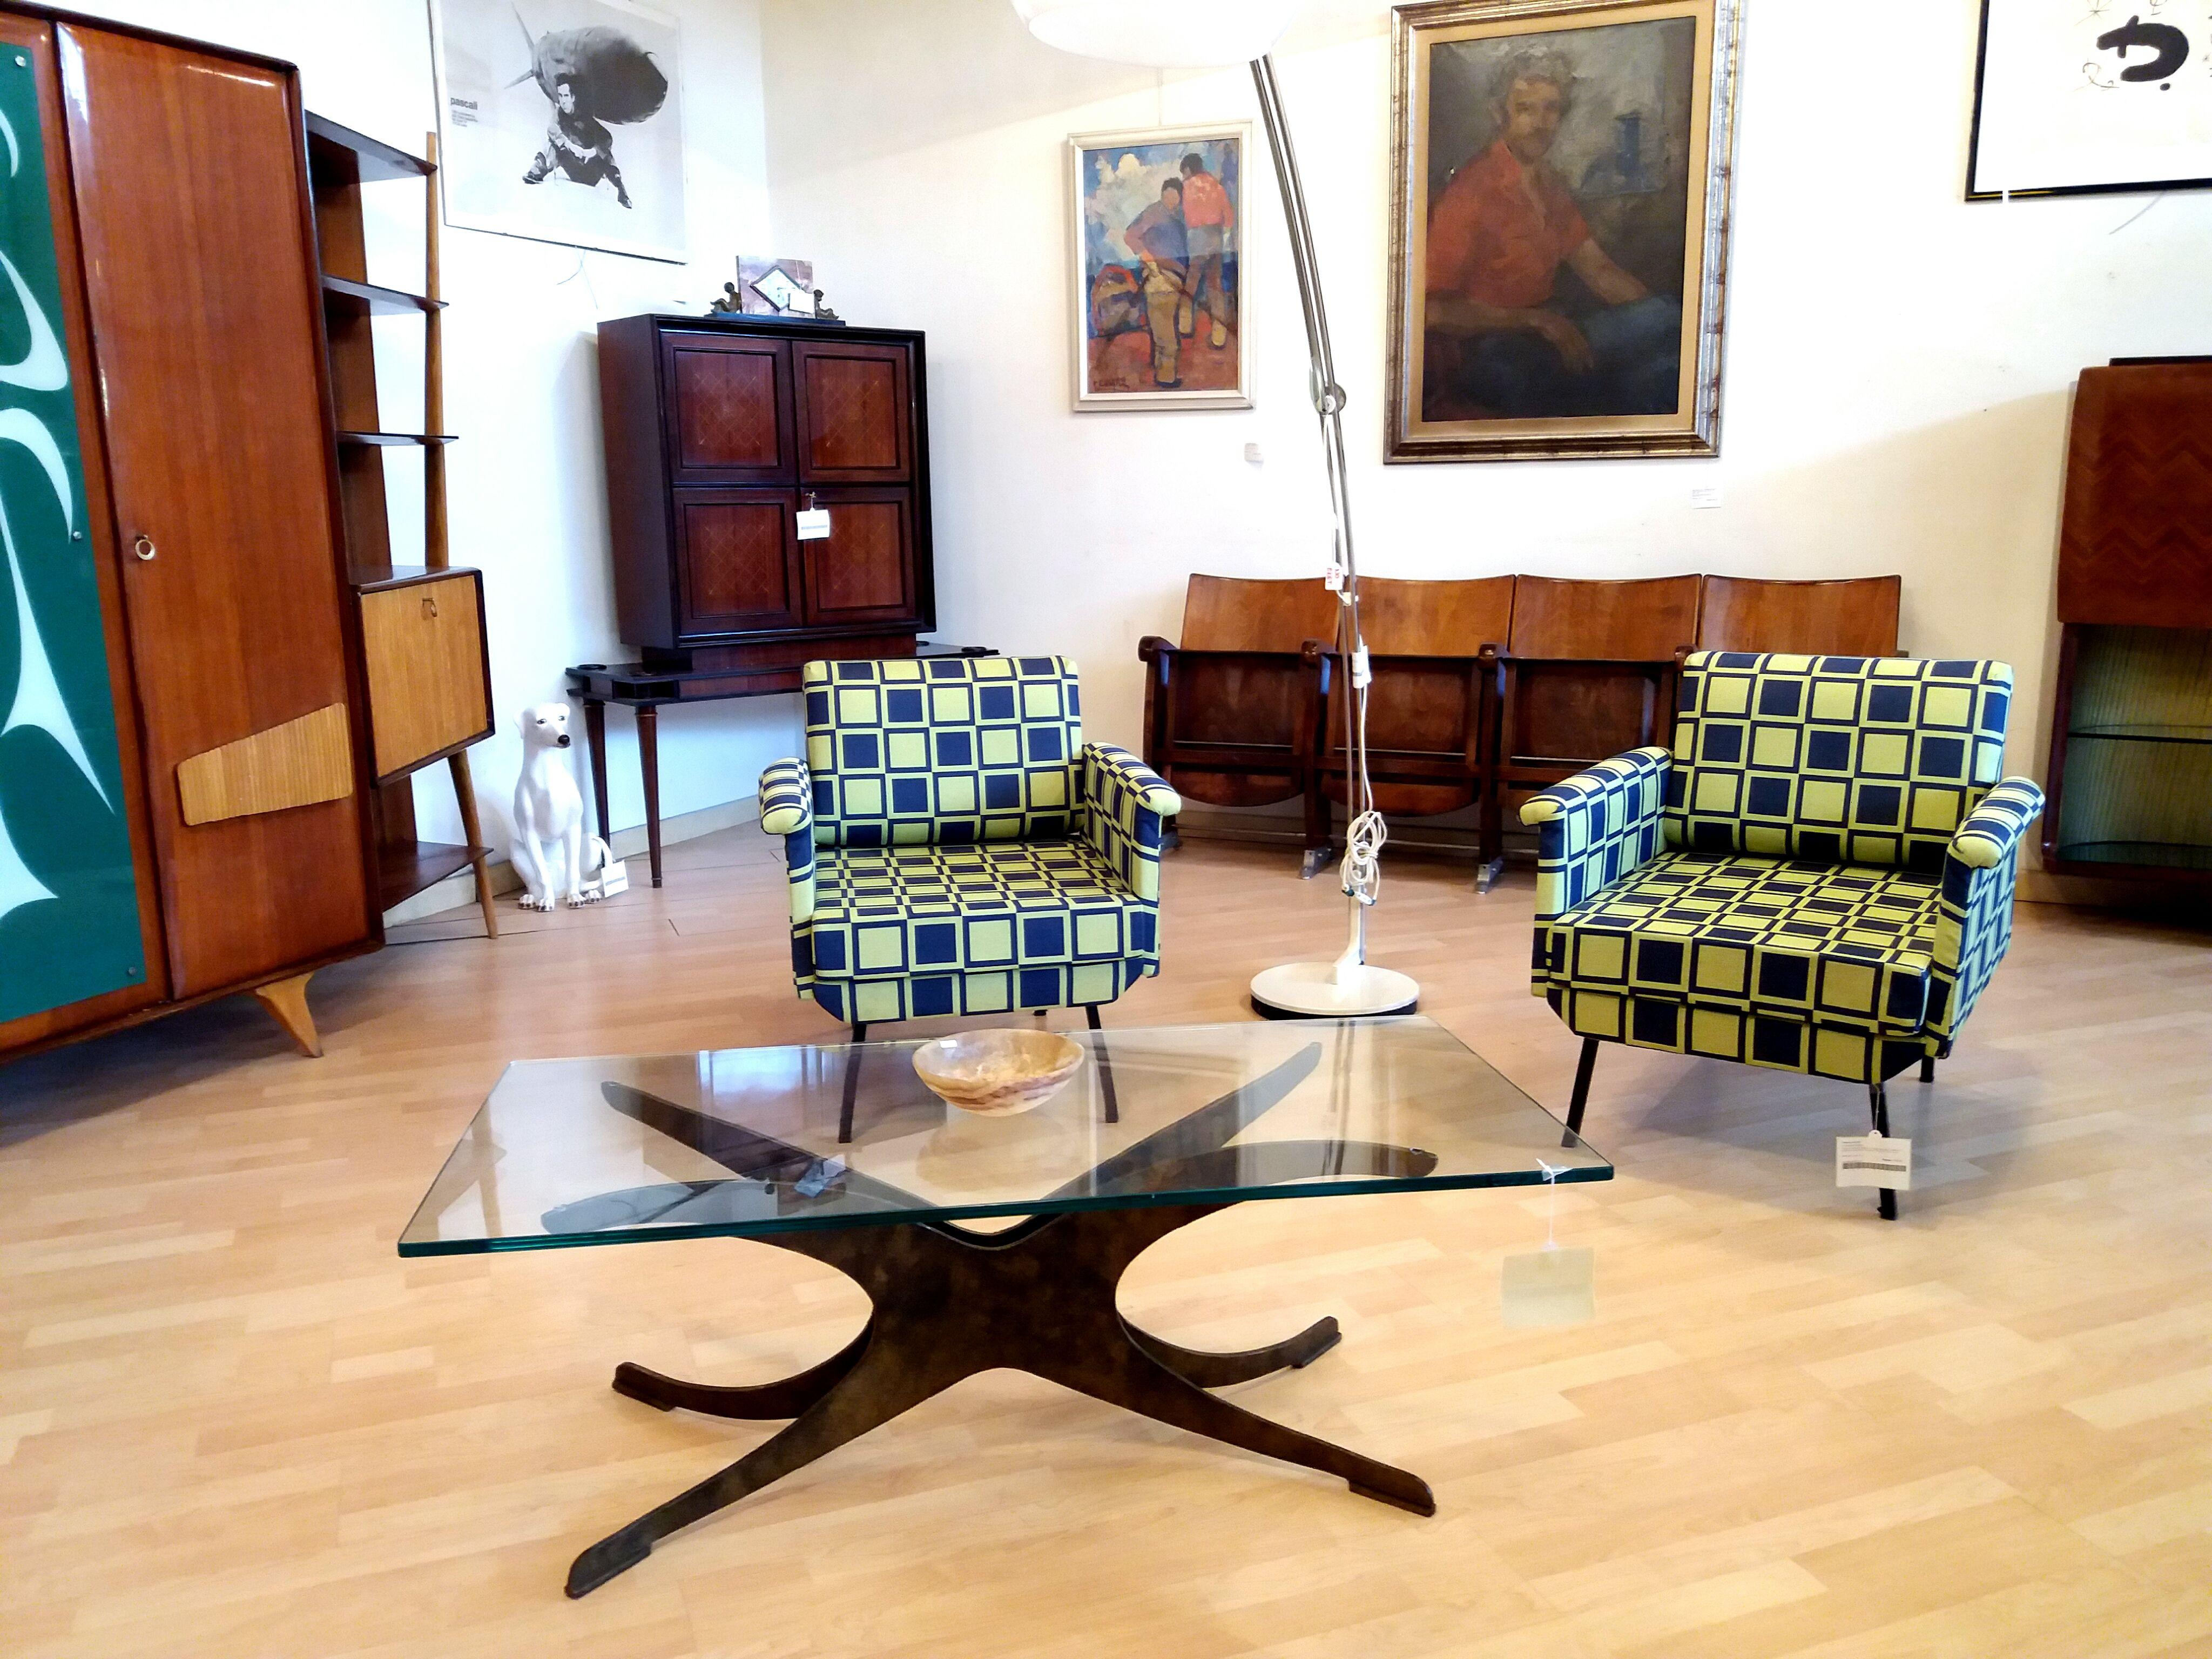 Ispirazione Di Interior Design Con Arredi E Complementi Vintage Di